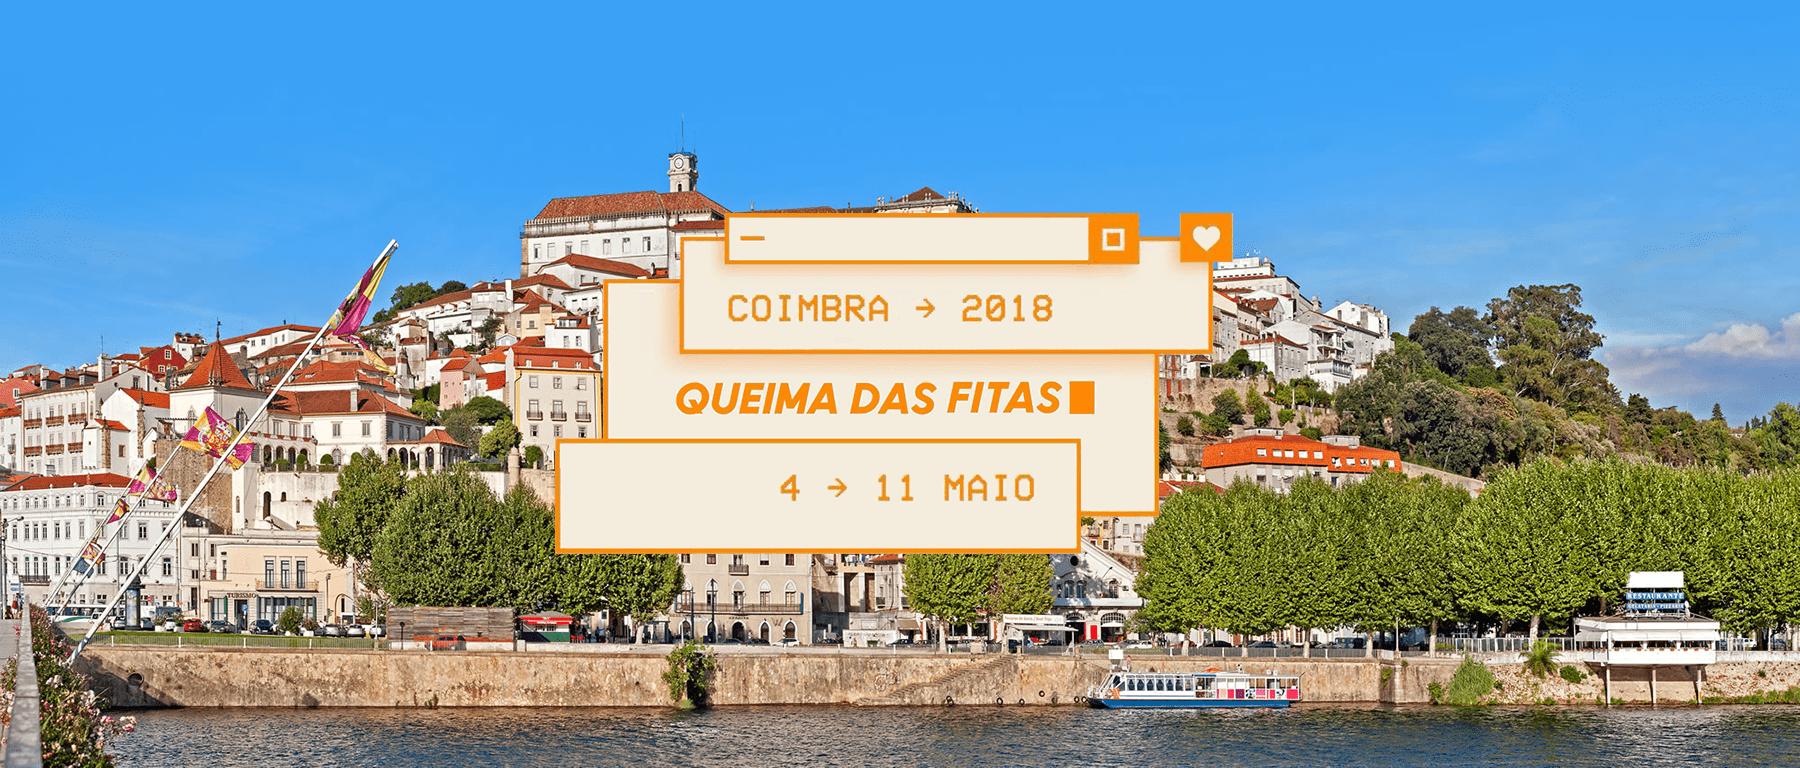 Queima das Fitas de Coimbra 2018